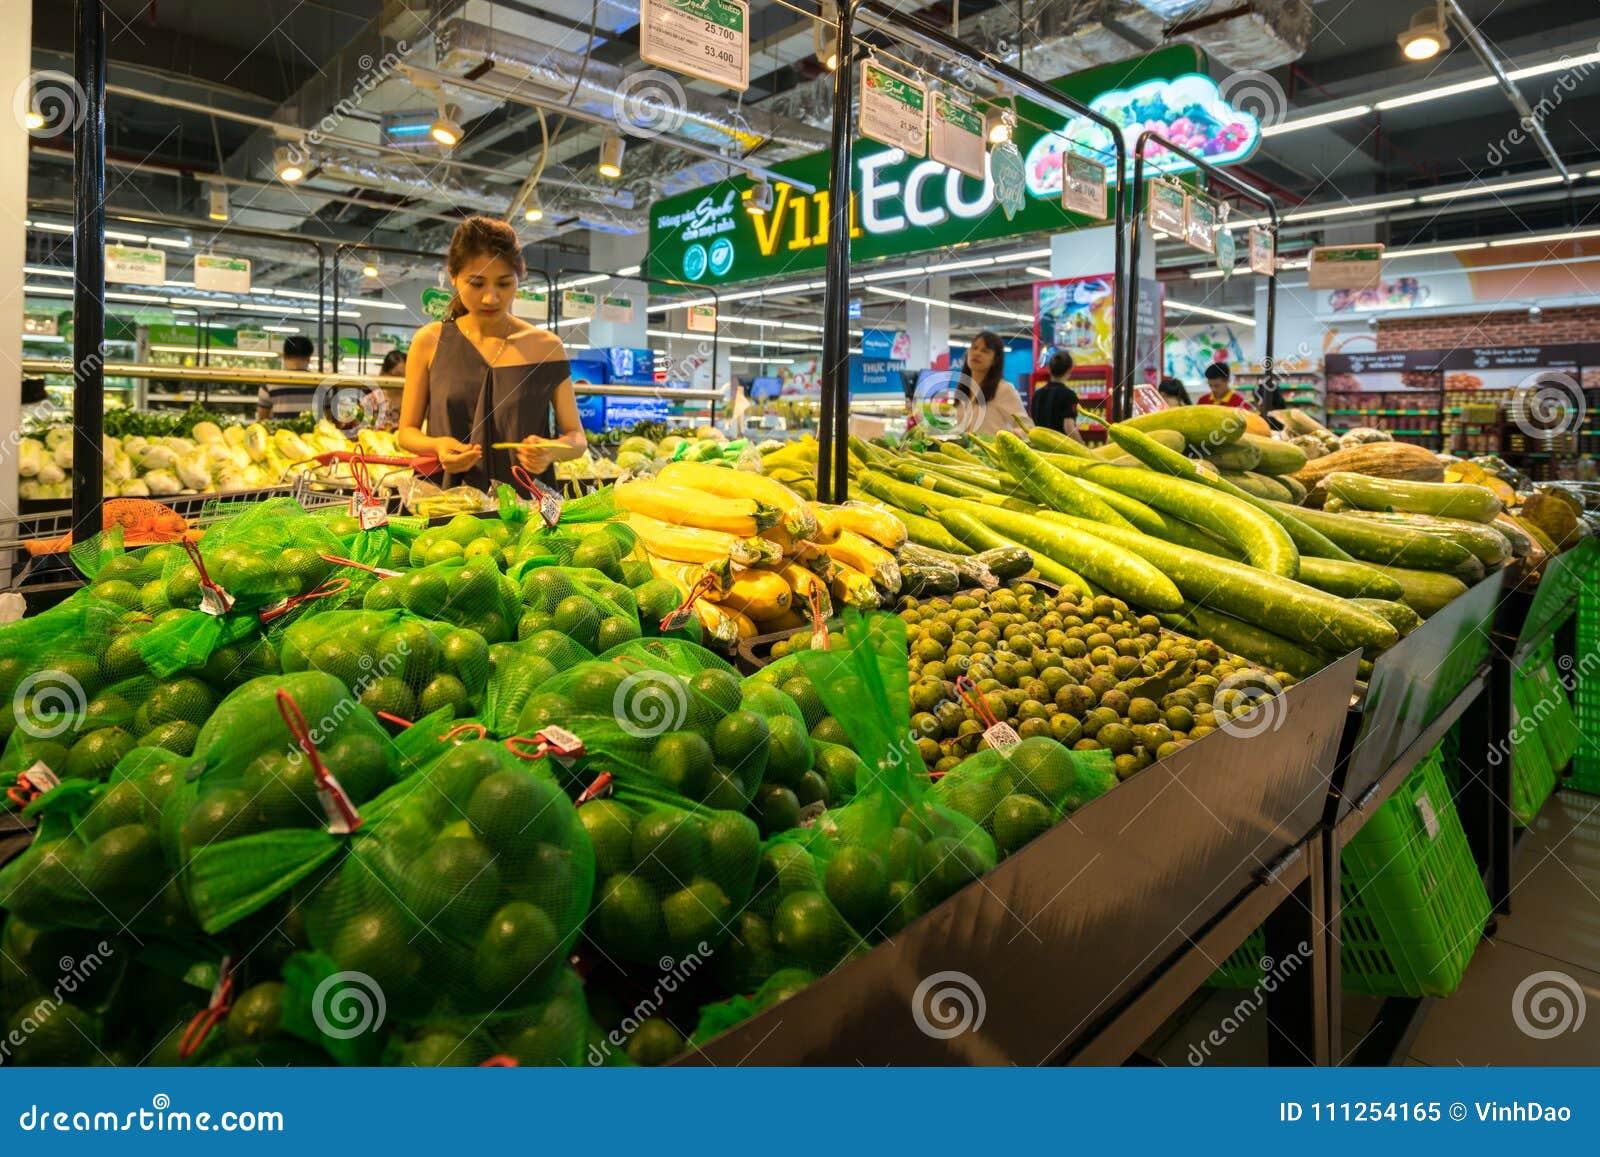 Ανόι, Βιετνάμ - 10 Ιουλίου 2017: Οργανικά λαχανικά στο ράφι στην υπεραγορά Vinmart, οδός Minh Khai